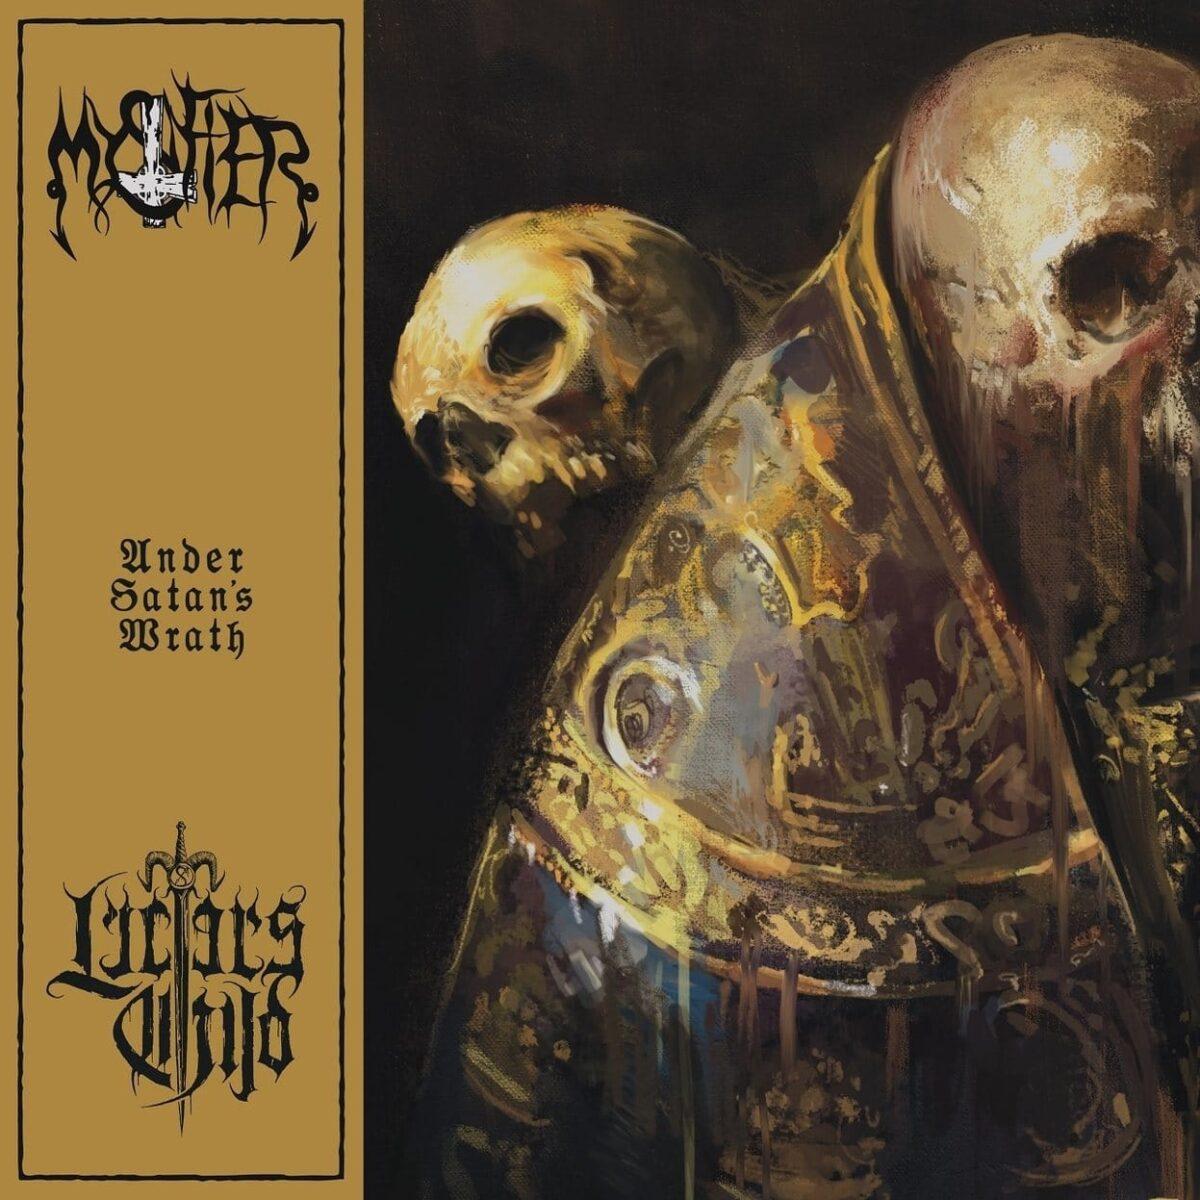 """mystifier-/-lucifer's-child:-kundigen-neue-black-metal-split-ep-""""under-satan's-wrath""""-an"""